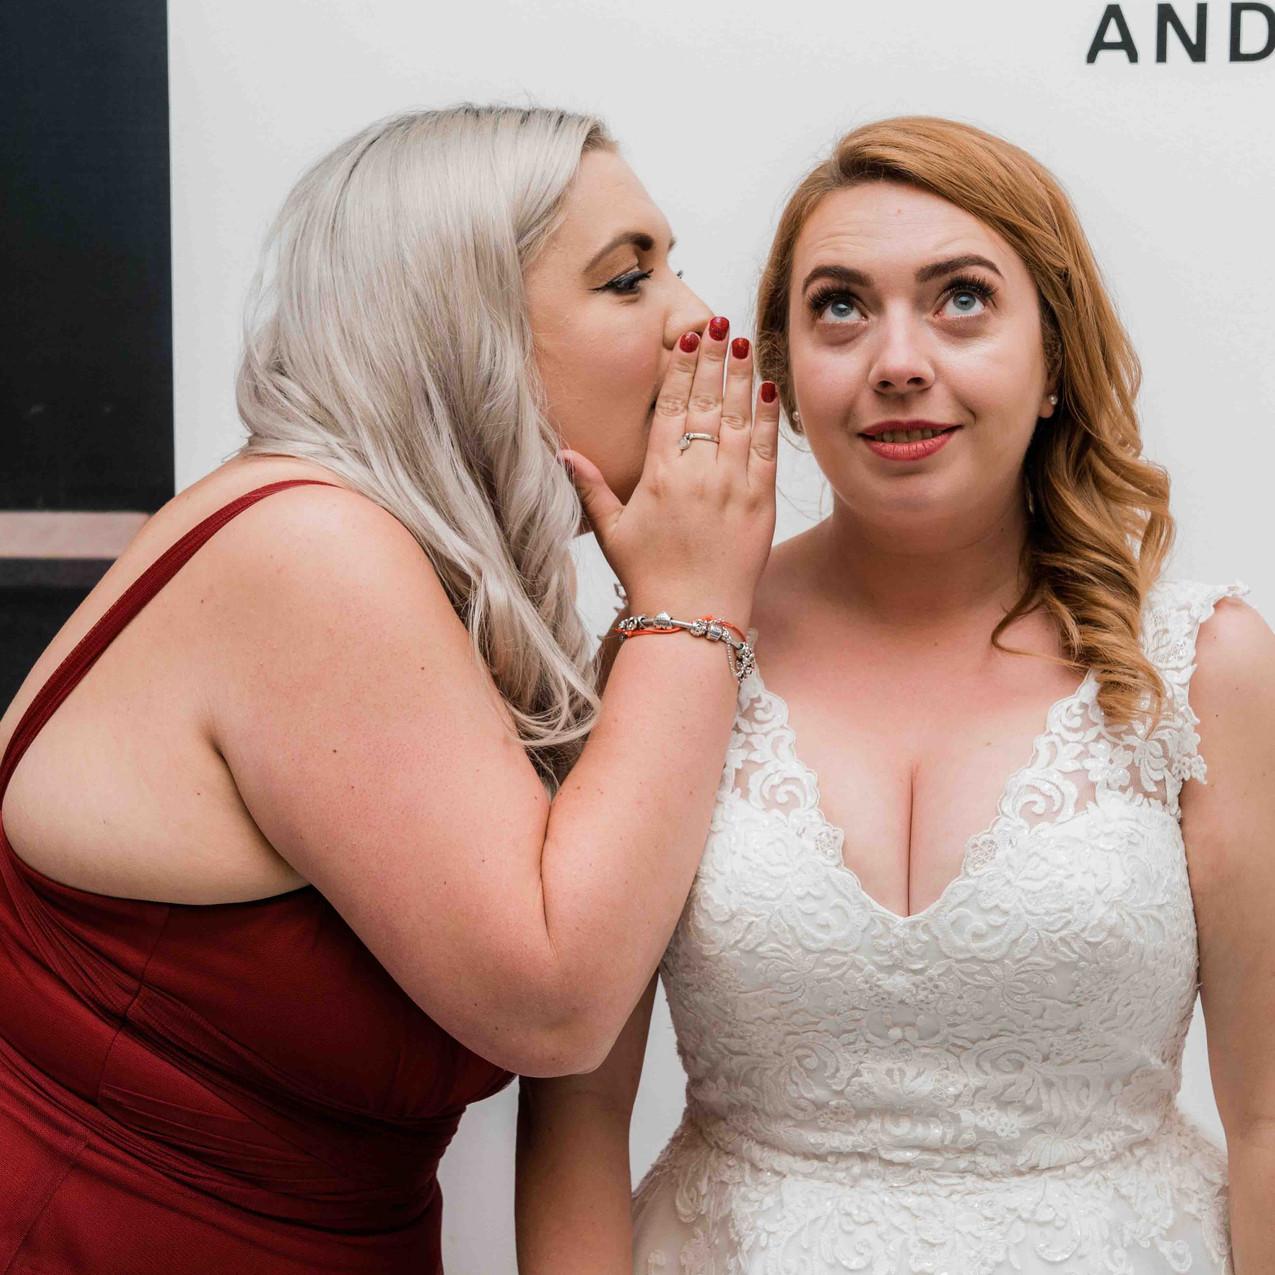 Bride and bridesmaid wedding